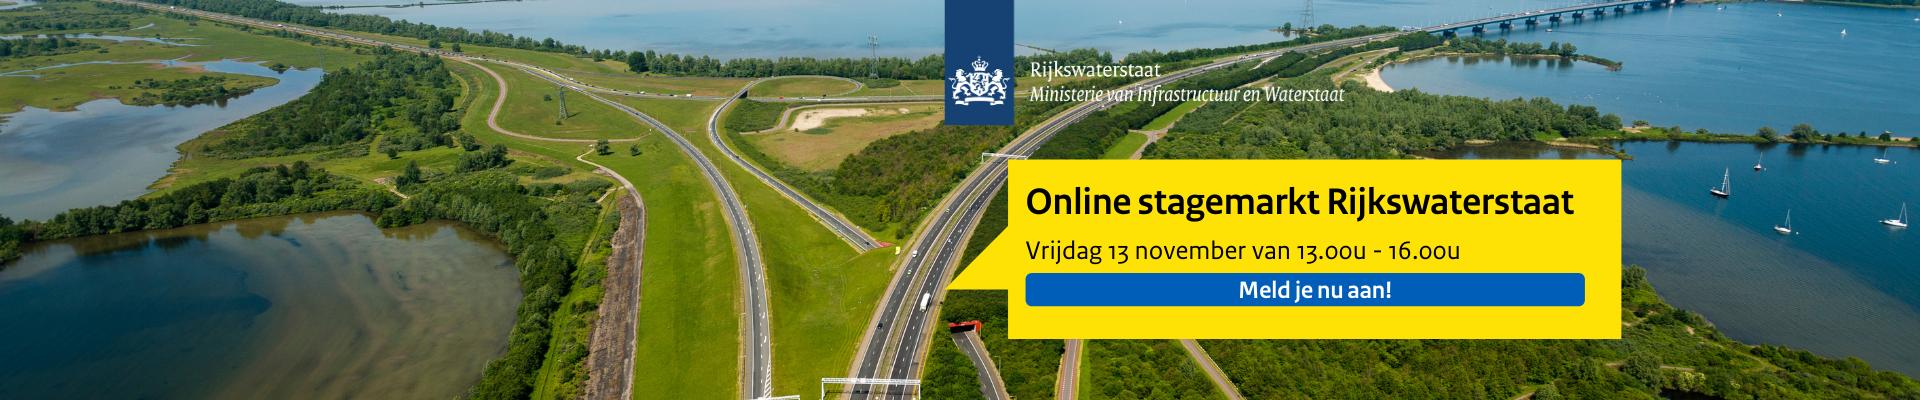 Rijkswaterstaat stagemarkt november 2020